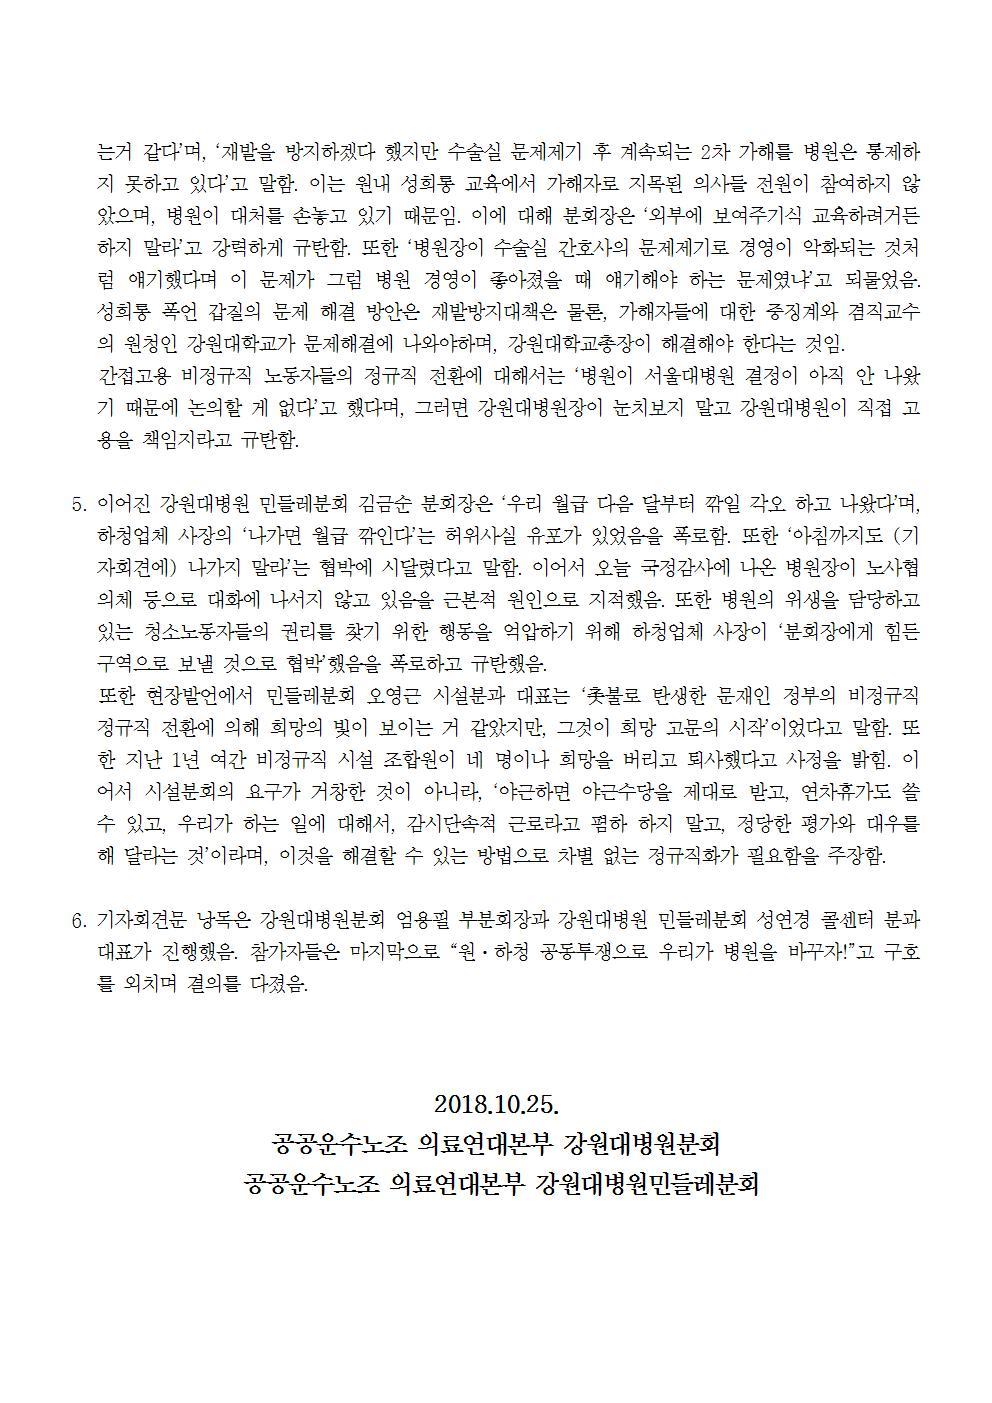 181025_[보도자료] 강원대병원장국정감사 원하청 공동기자회견002.jpg